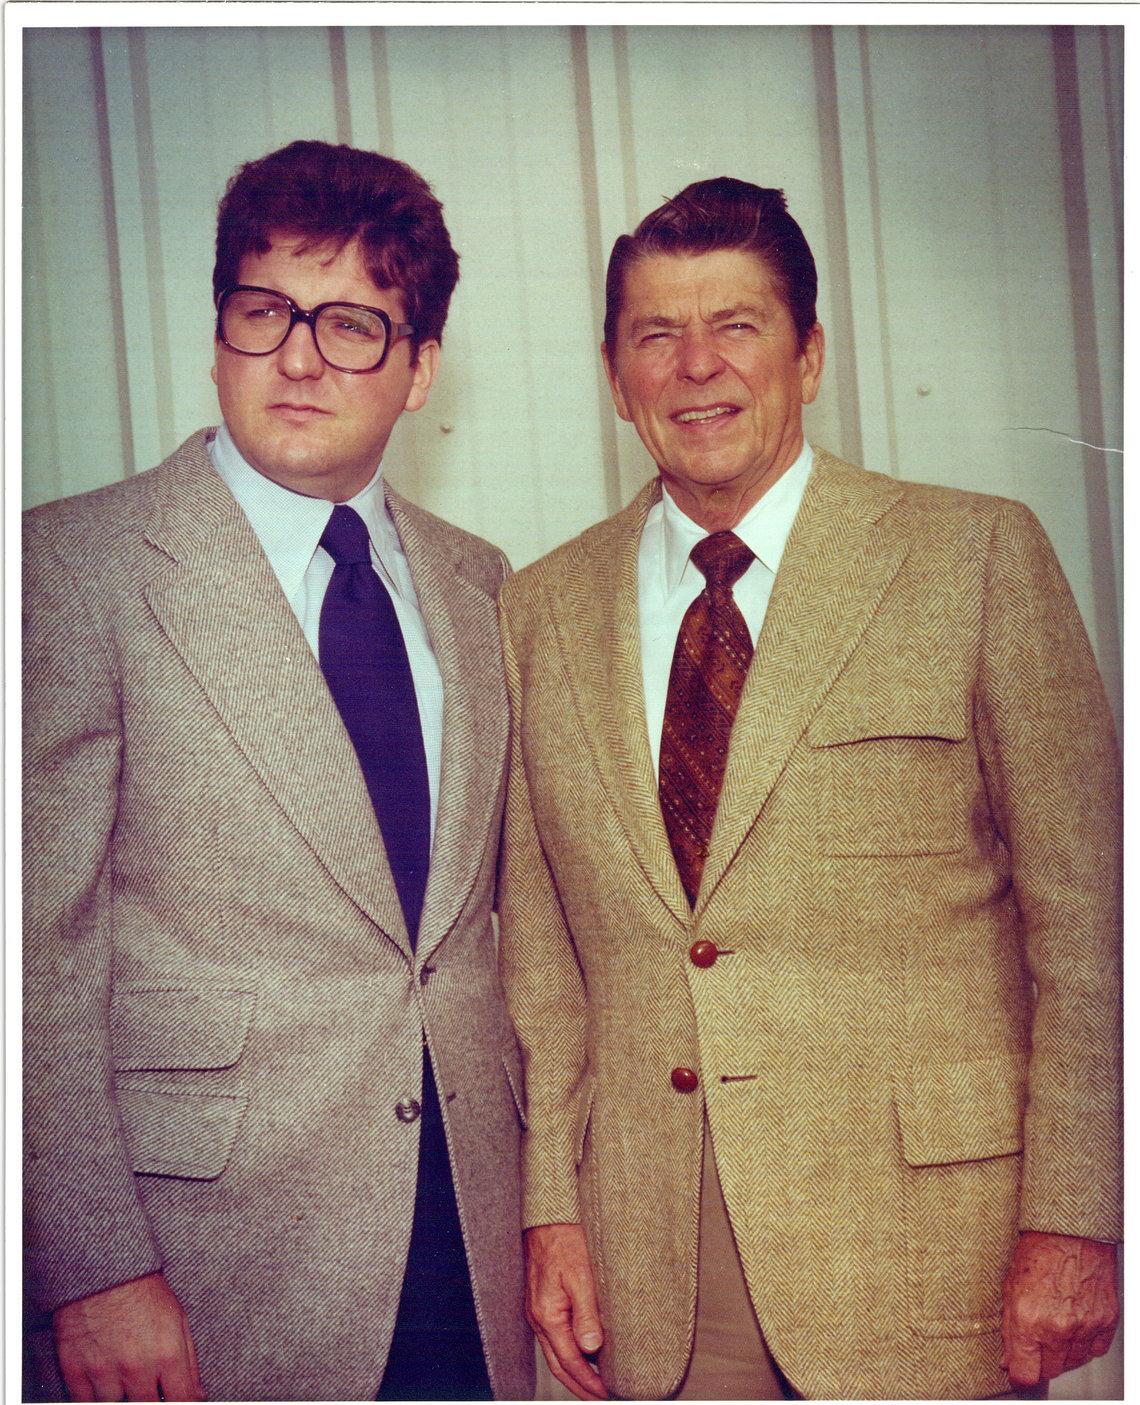 Pat Nolan with Ronald Reagan in 1978.